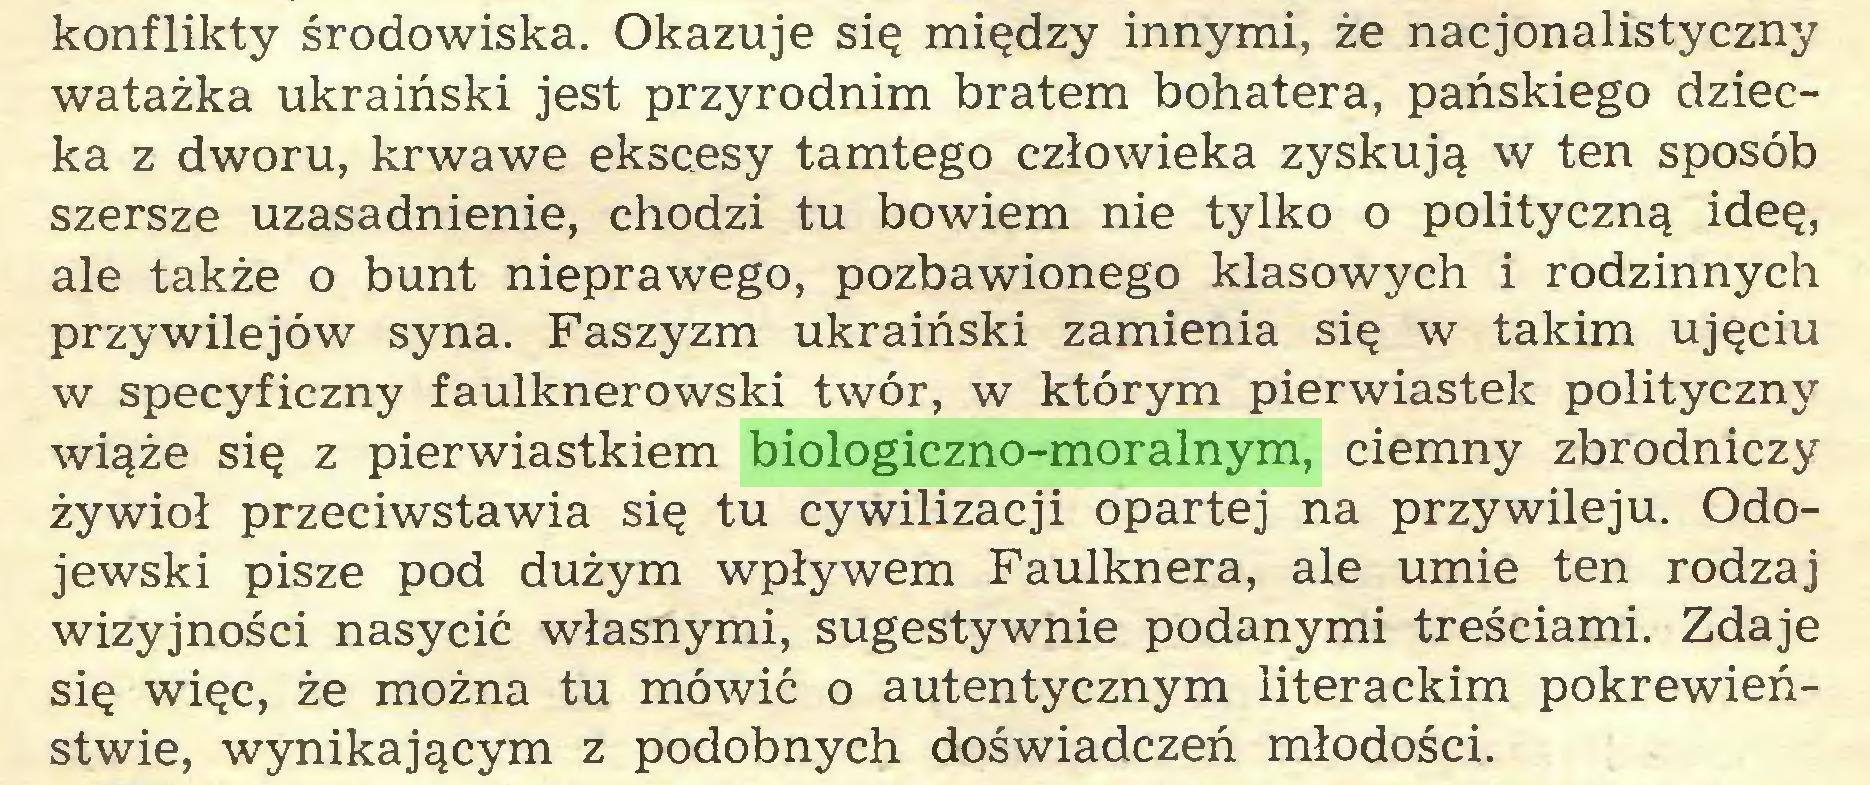 (...) konflikty środowiska. Okazuje się między innymi, że nacjonalistyczny watażka ukraiński jest przyrodnim bratem bohatera, pańskiego dziecka z dworu, krwawe ekscesy tamtego człowieka zyskują w ten sposób szersze uzasadnienie, chodzi tu bowiem nie tylko o polityczną ideę, ale także o bunt nieprawego, pozbawionego klasowych i rodzinnych przywilejów syna. Faszyzm ukraiński zamienia się w takim ujęciu w specyficzny faulknerowski twór, w którym pierwiastek polityczny wiąże się z pierwiastkiem biologiczno-moralnym, ciemny zbrodniczy żywioł przeciwstawia się tu cywilizacji opartej na przywileju. Odojewski pisze pod dużym wpływem Faulknera, ale umie ten rodzaj wizyjności nasycić własnymi, sugestywnie podanymi treściami. Zdaje się więc, że można tu mówić o autentycznym literackim pokrewieństwie, wynikającym z podobnych doświadczeń młodości...